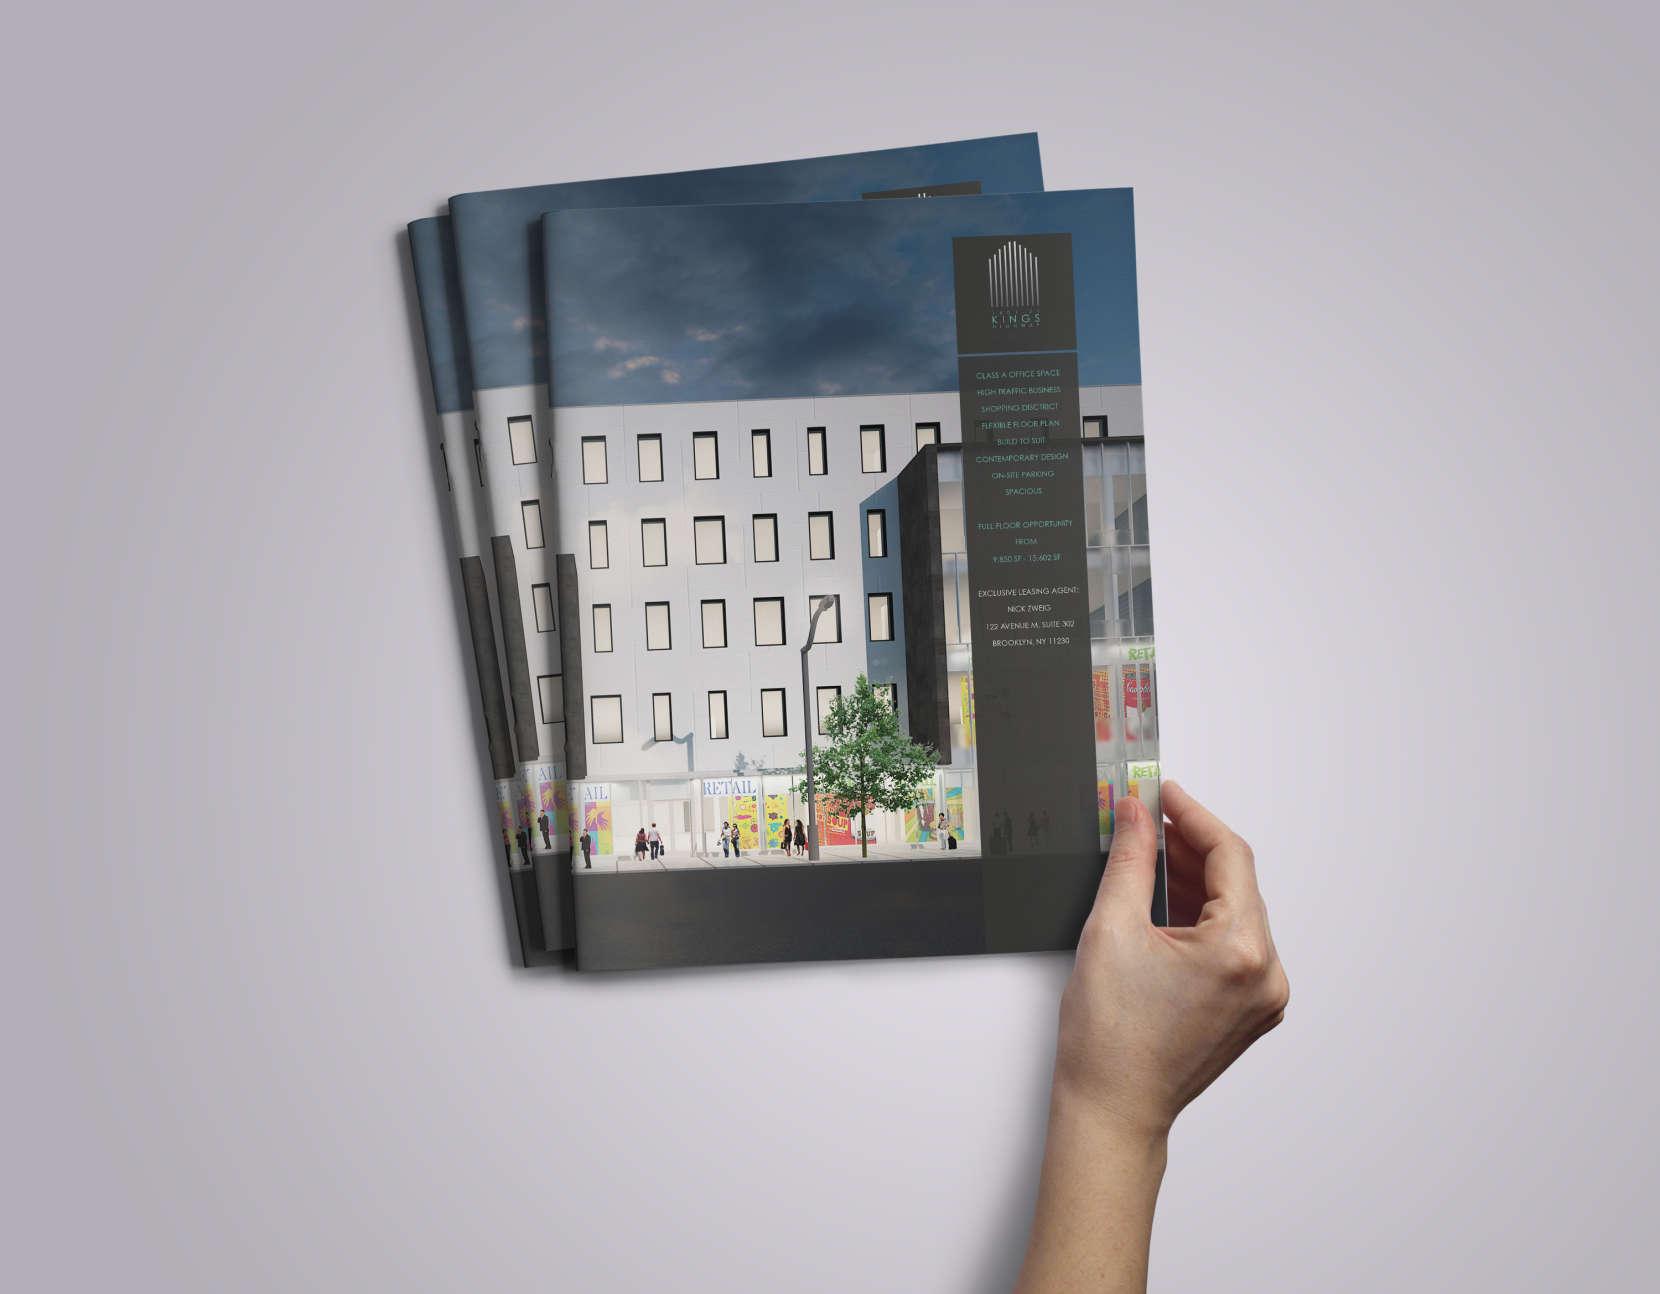 msa-brochure-2-1-1660x1294.jpg